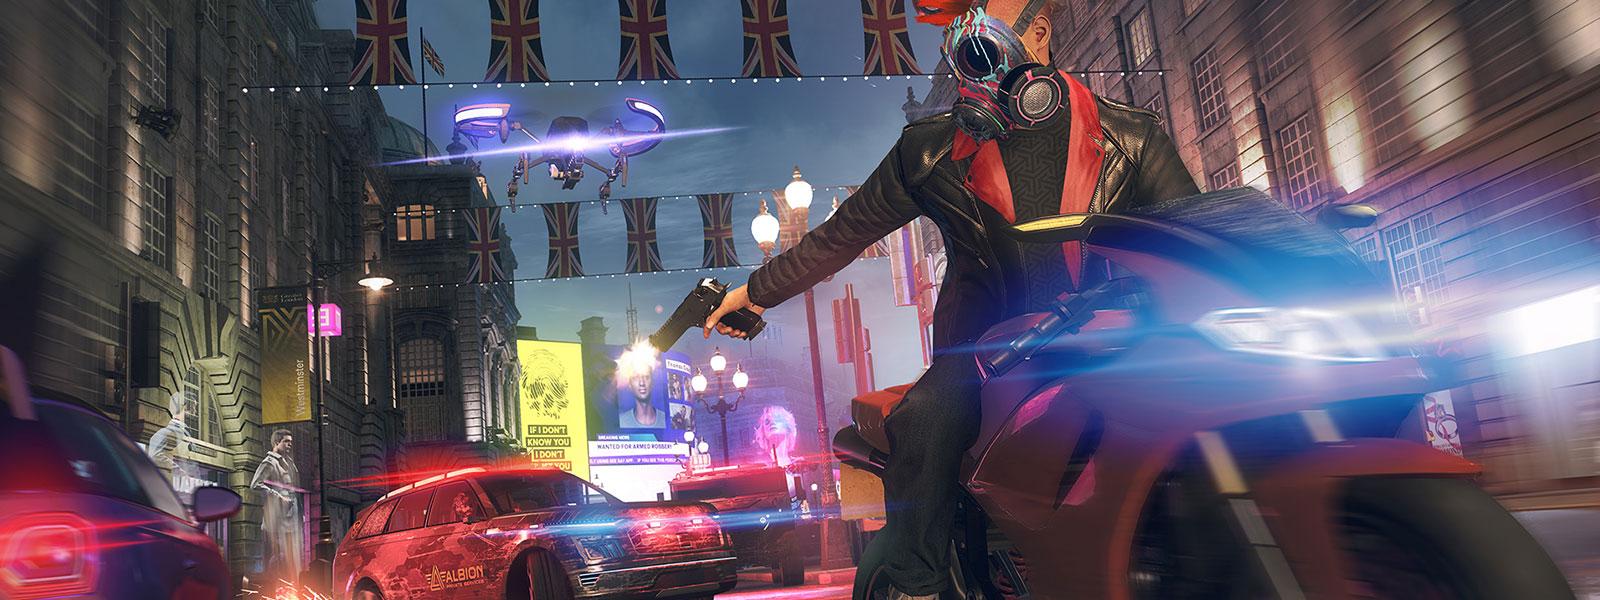 Persona en una moto con una máscara de gas pintada disparando hacia un coche de policía mientras es perseguida por un dron en una calle de Londres